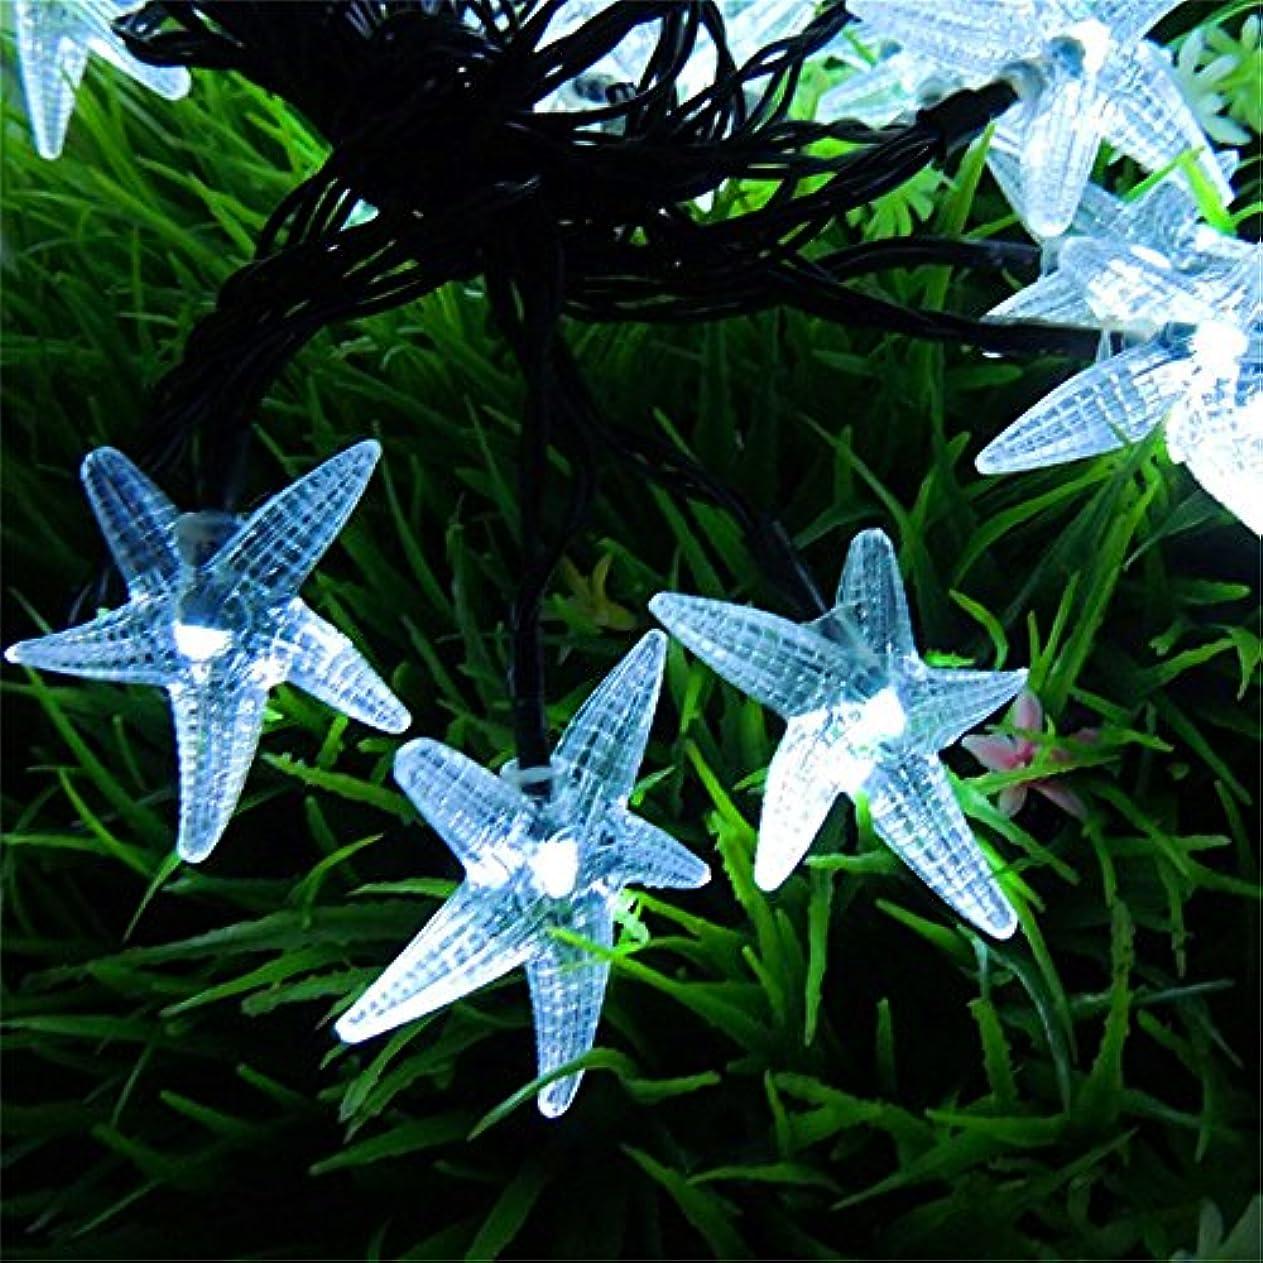 口頭投げ捨てる氏ソーラーストリングライト、SIMPLE DO LEDライト イルミネーション クリスマス パーティー 防水 省エネ 環境に優しい 使いやすい カラフル(ホワイト)